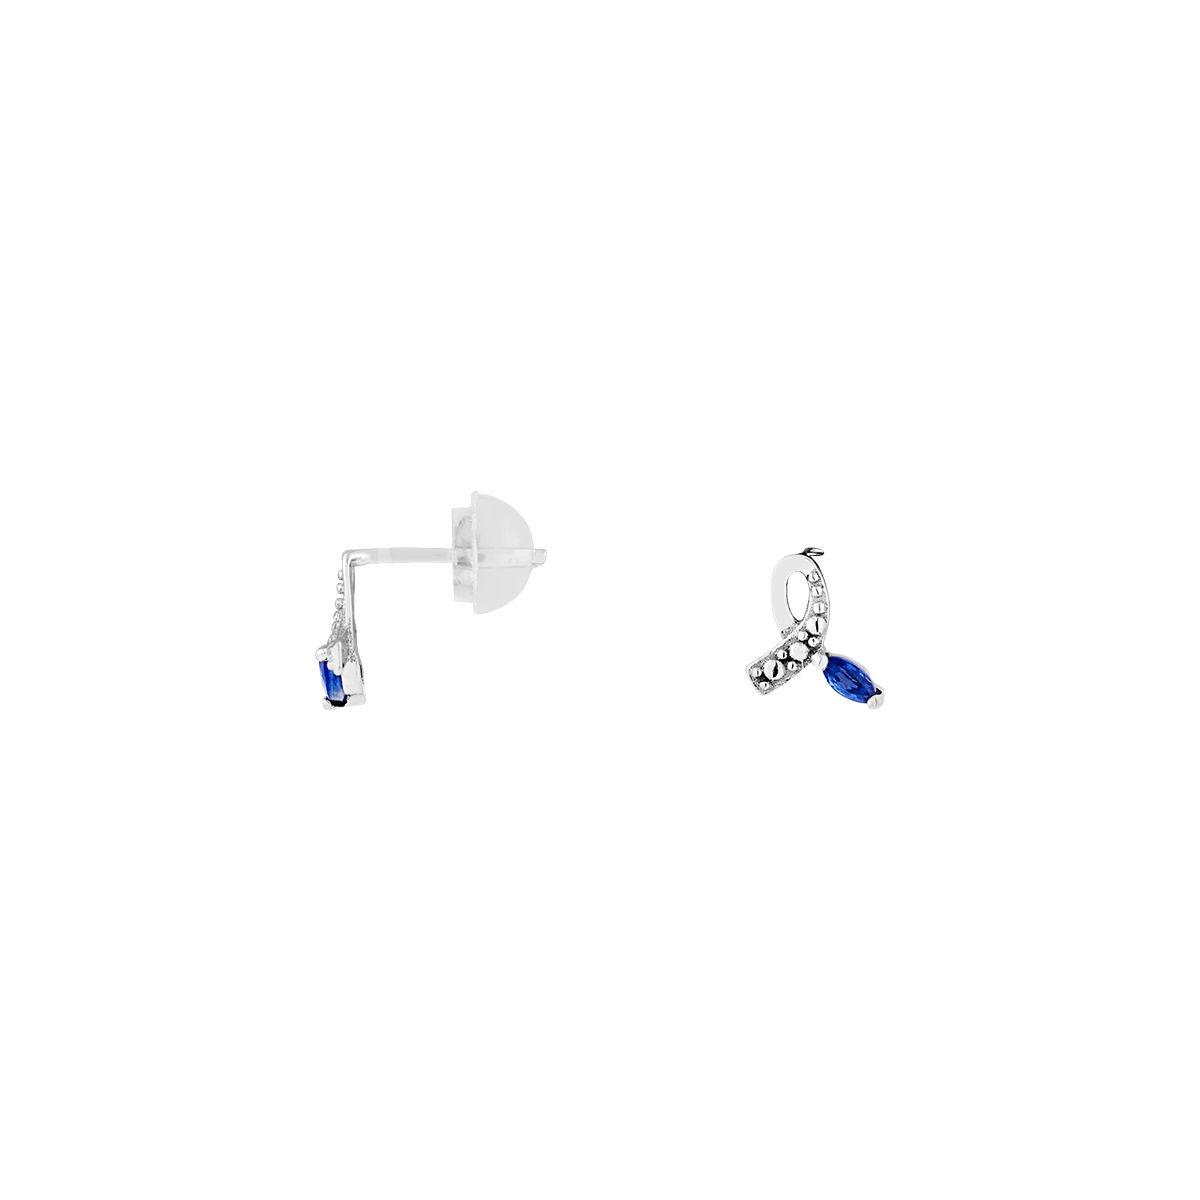 Boucles d'oreilles en Or 375/1000 et Saphir